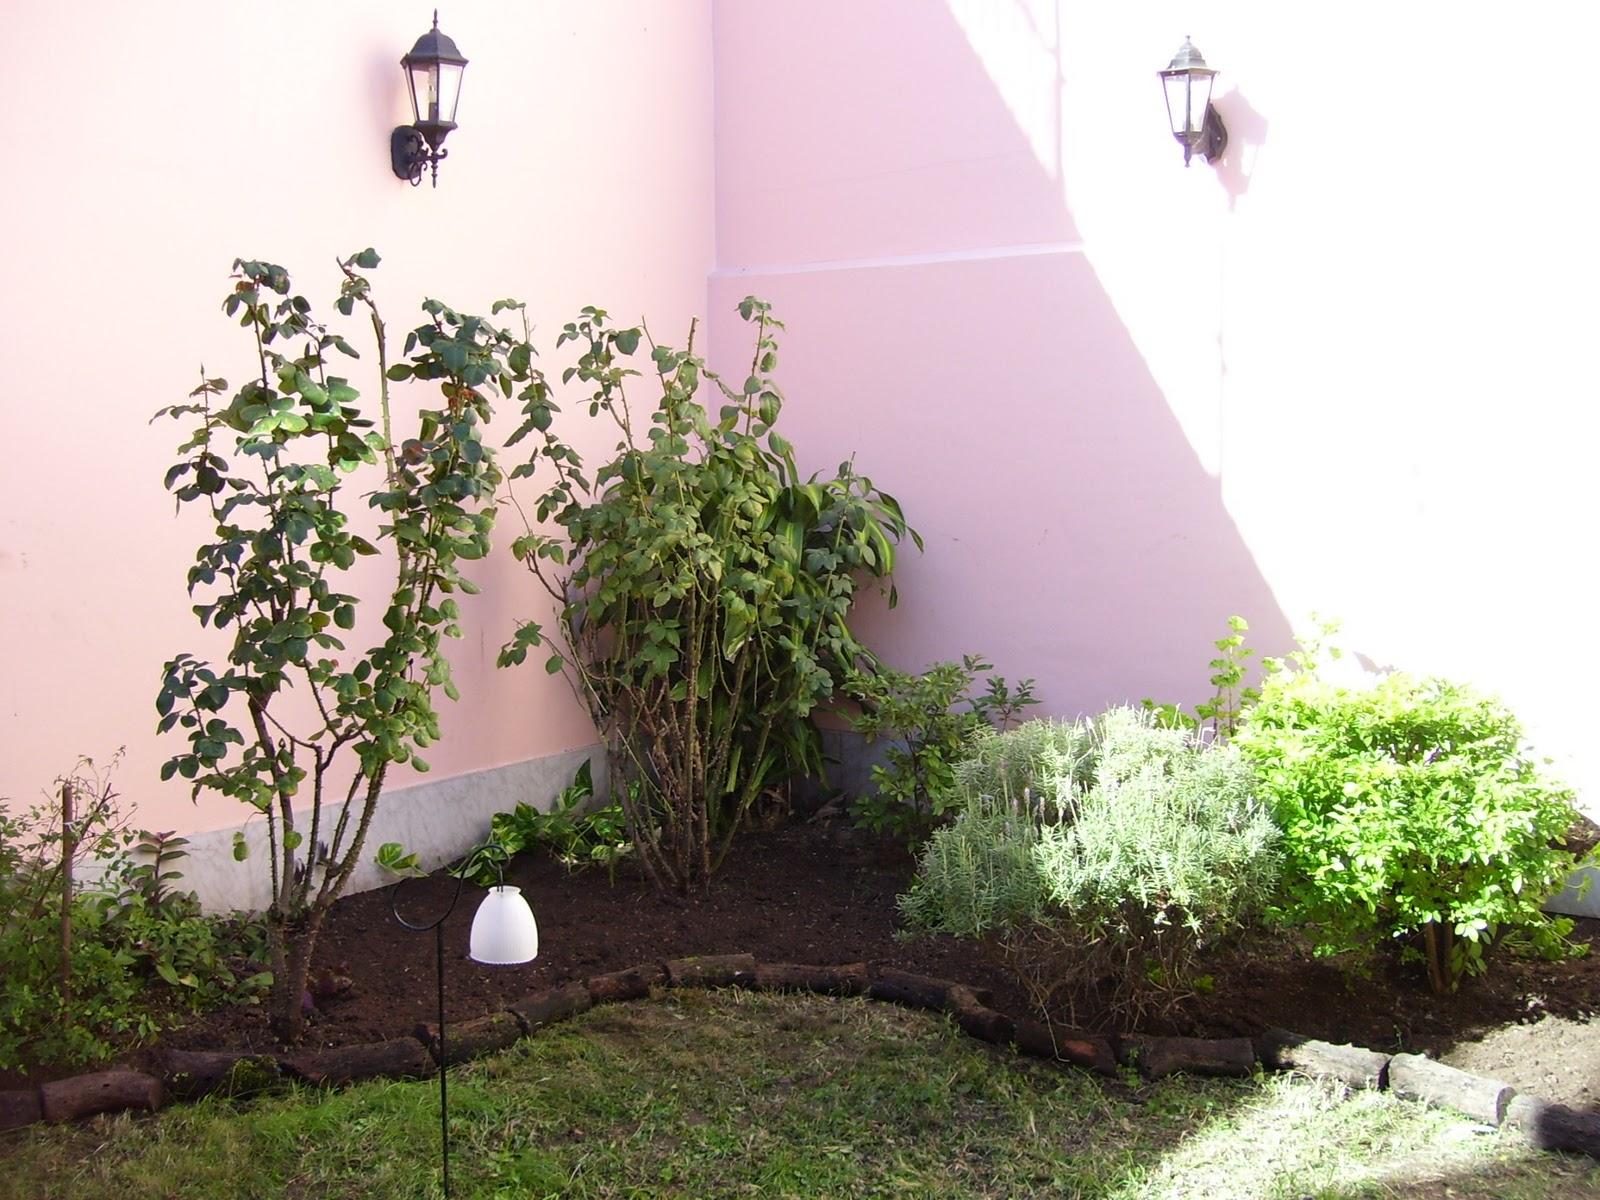 Jardineria y paisajismo en gerenal limpieza de canteros y for Plantas paisajismo